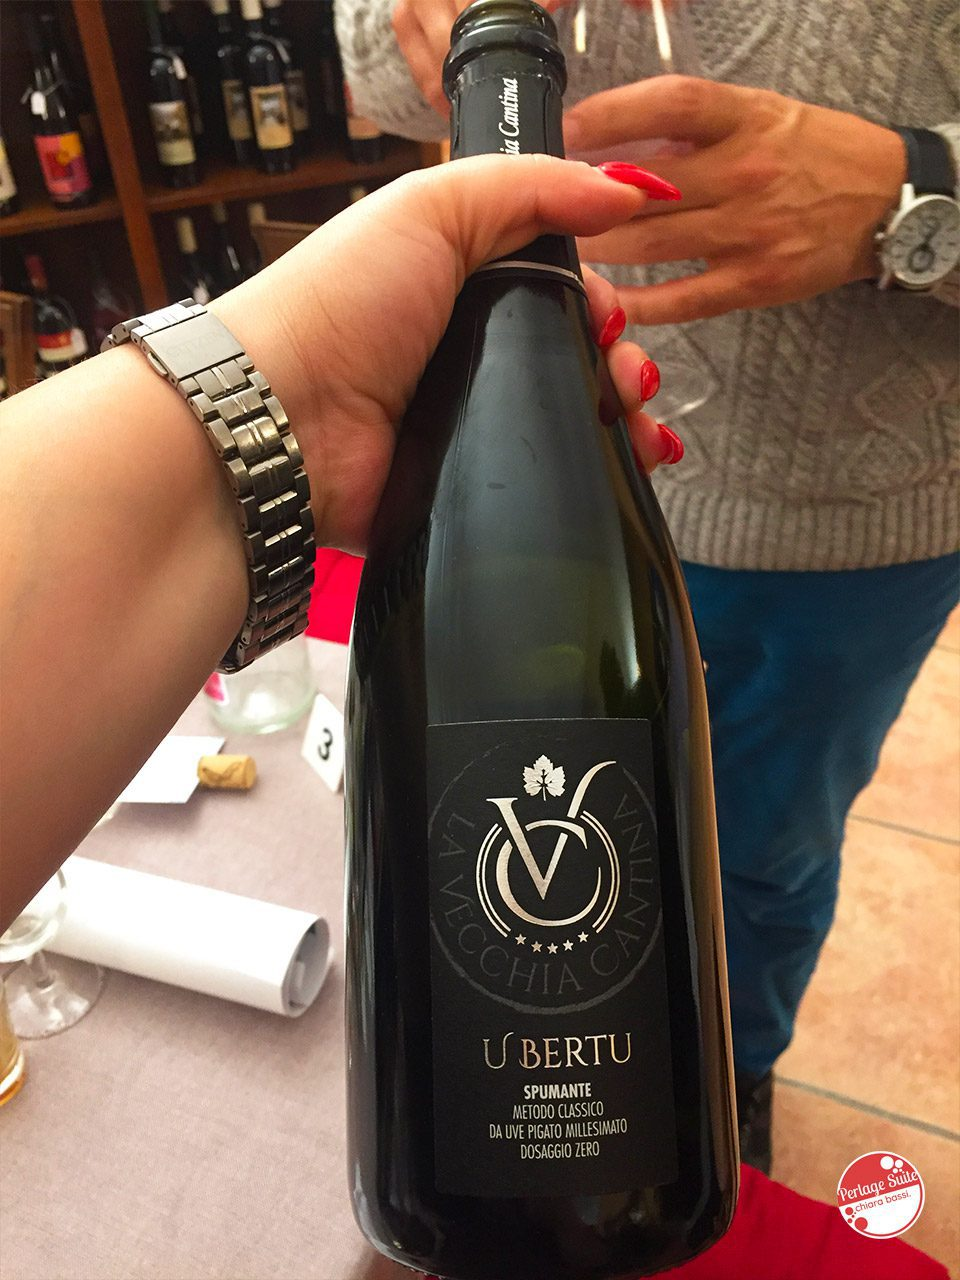 vite-in-riviera-stelle-e-calici-chef-vivalda-bolle-6